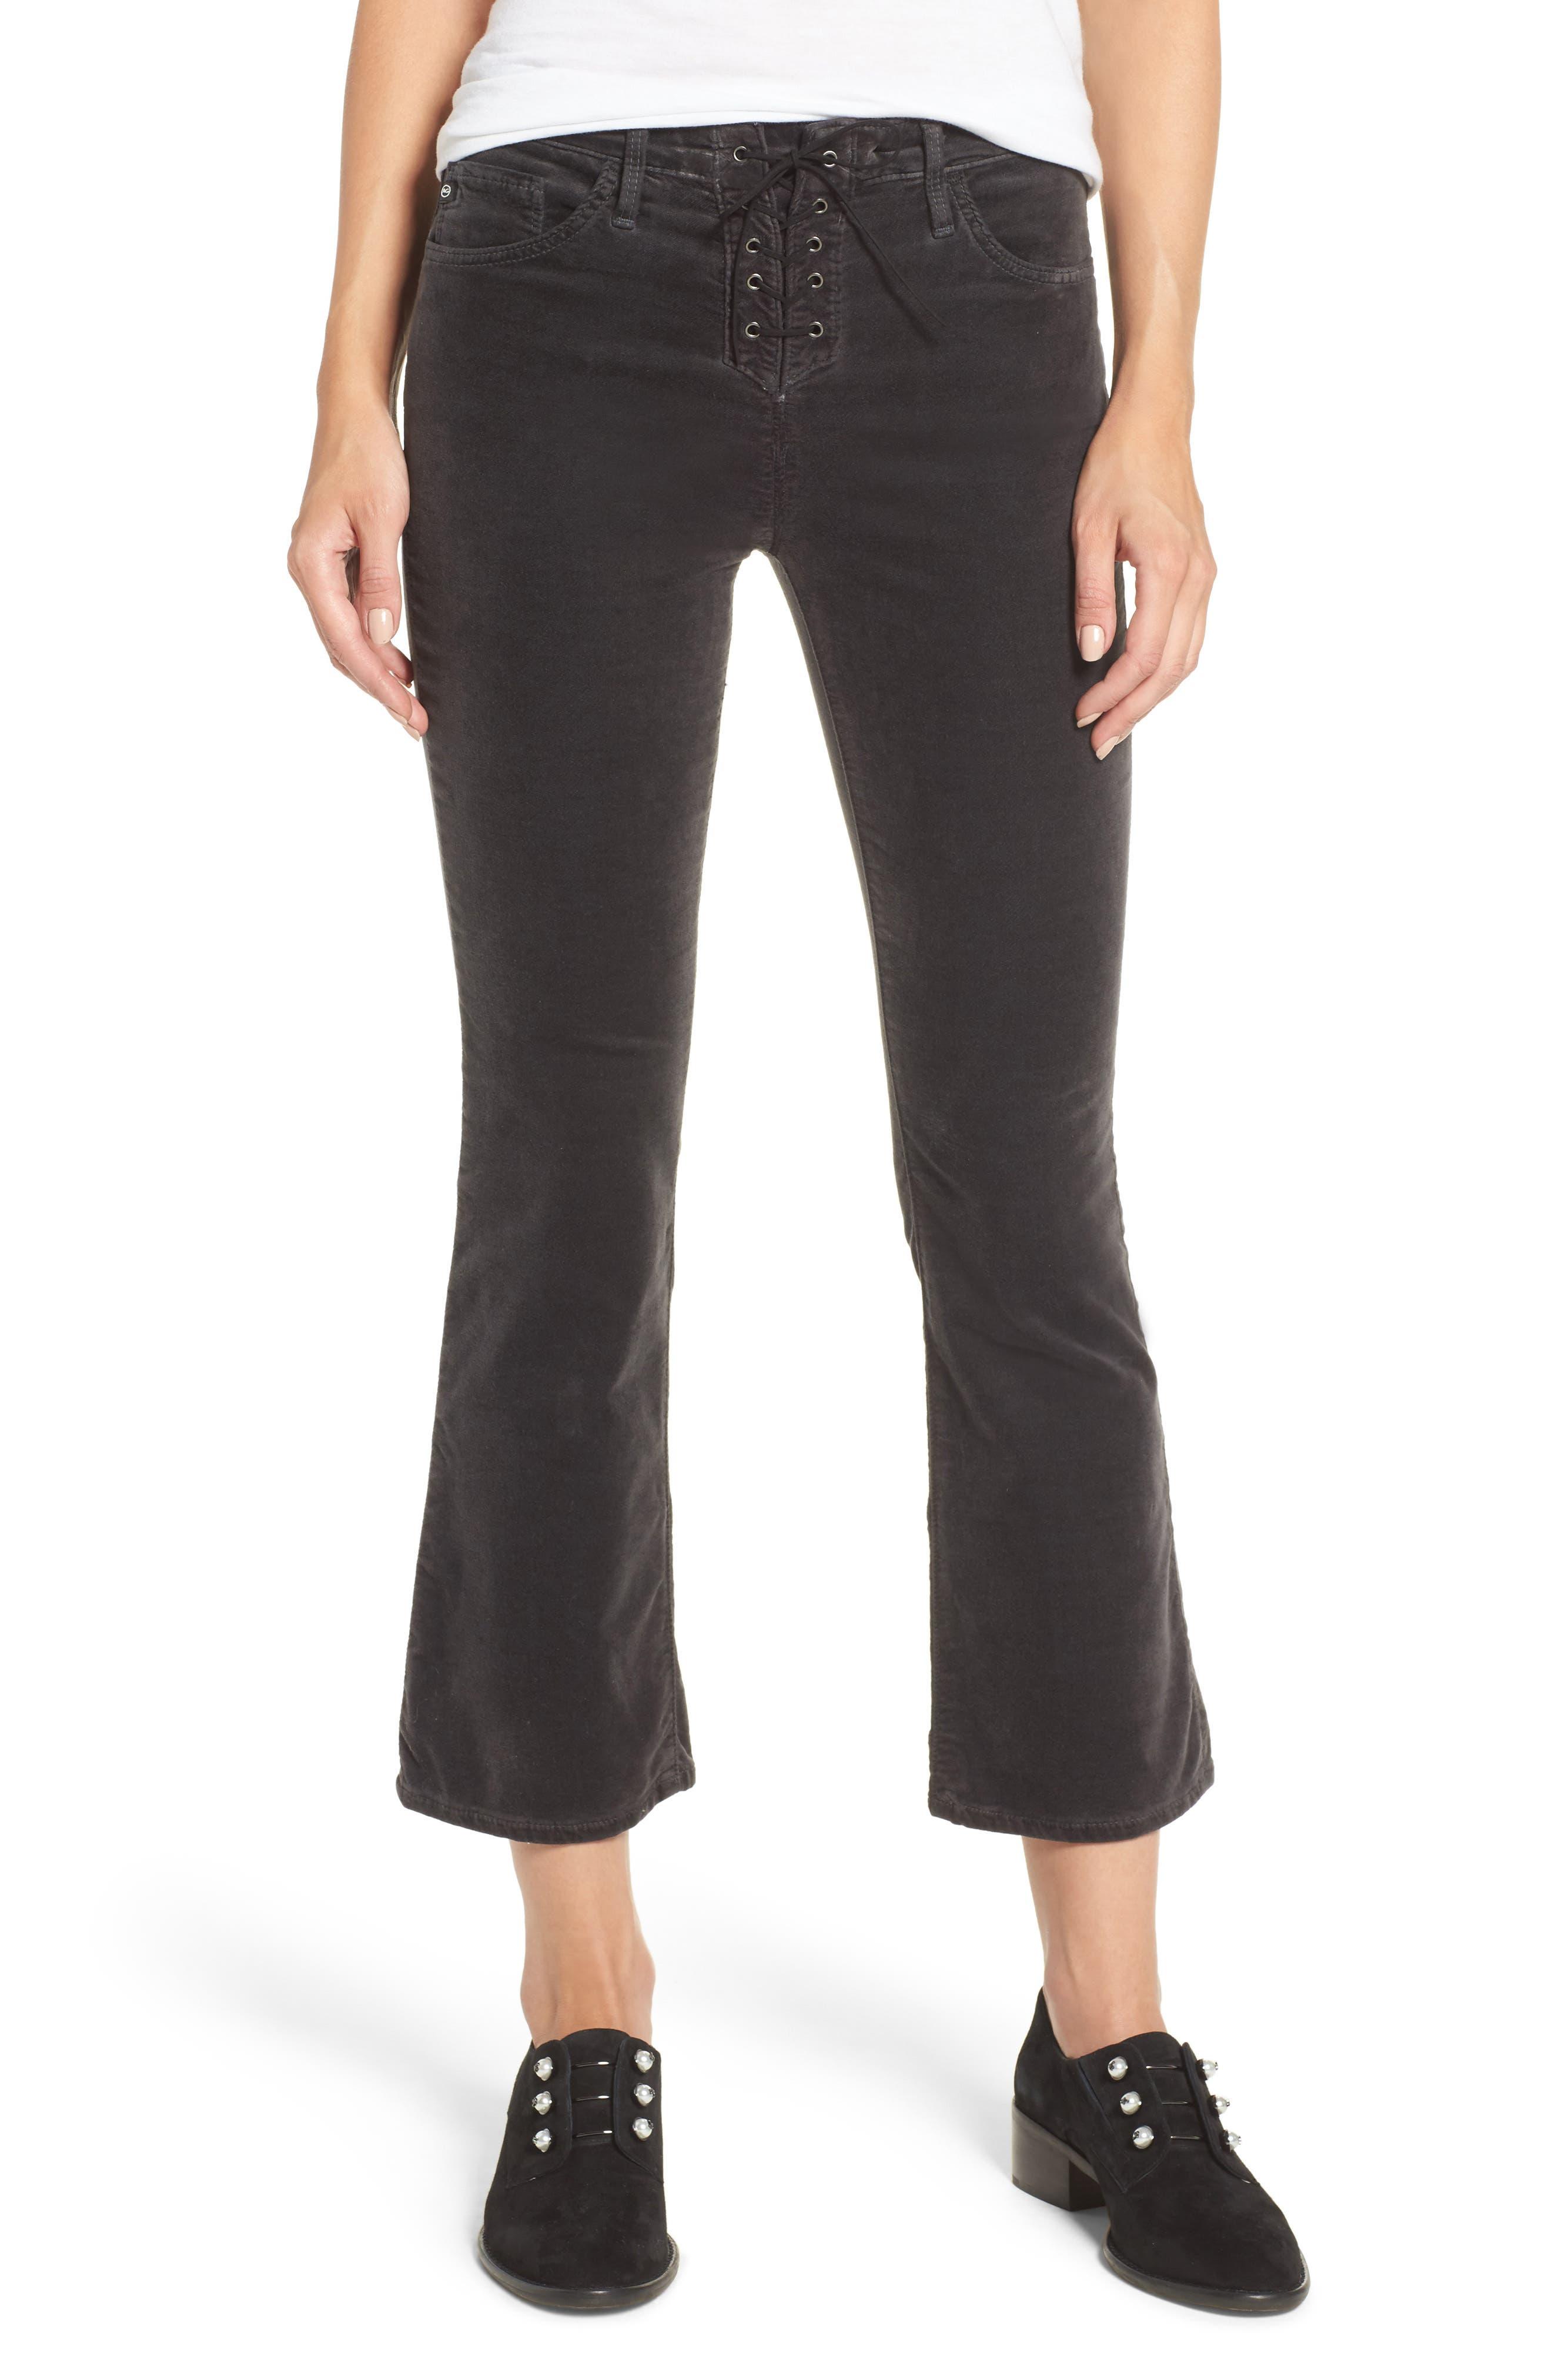 Jodi Lace-Up Crop Jeans,                         Main,                         color, 003